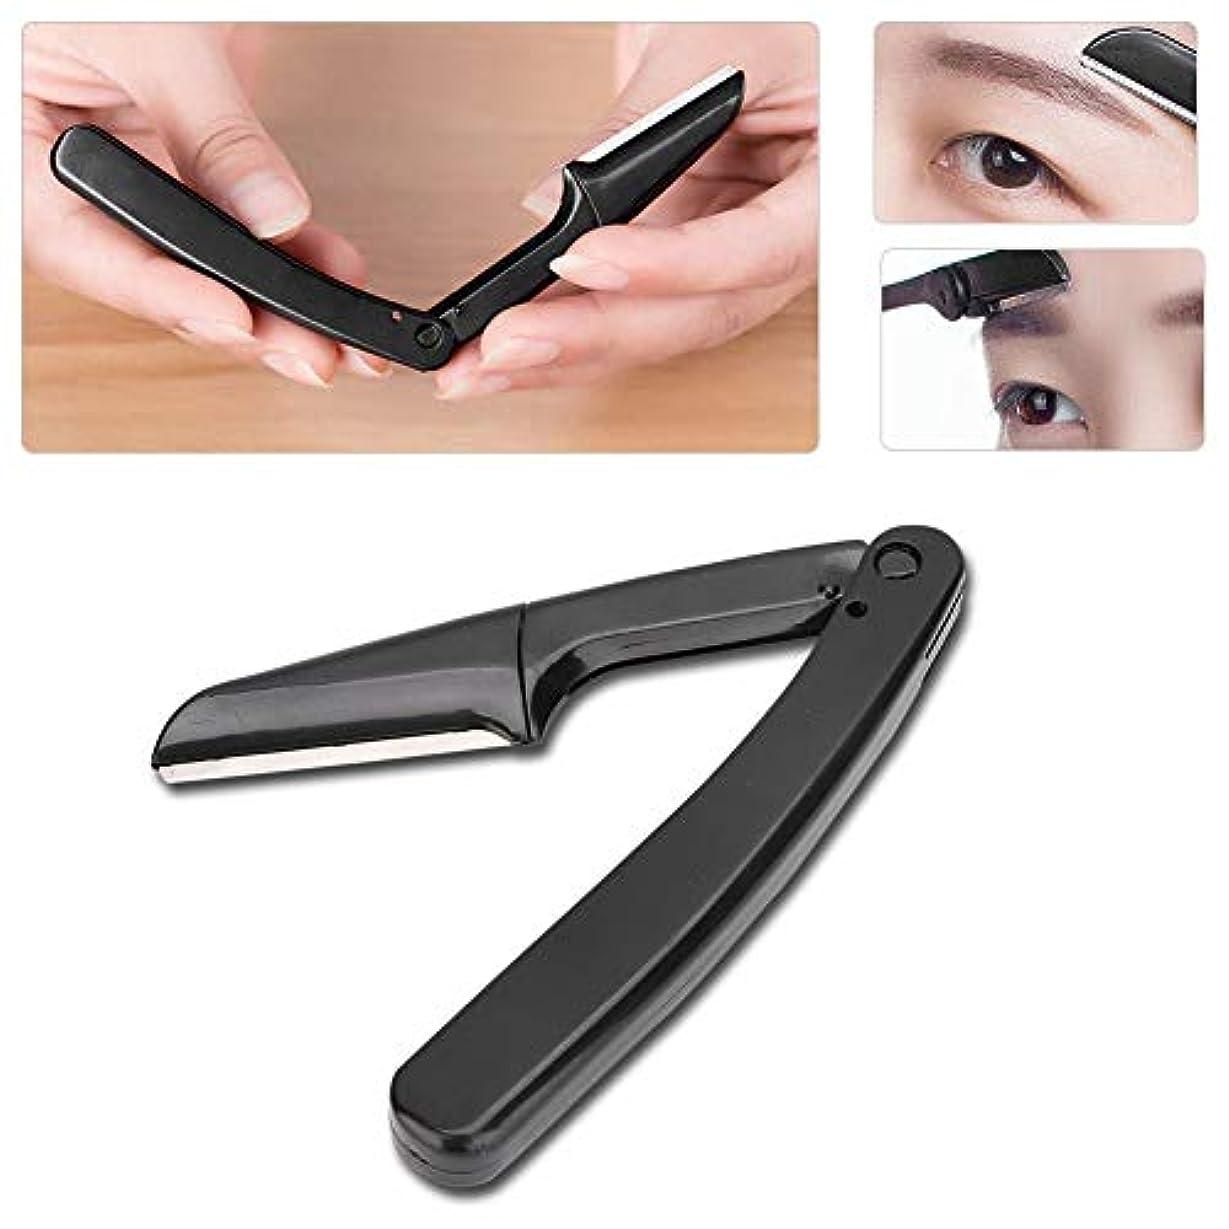 折り畳み式 眉毛 カミソリ 折り畳み式 眉毛トリミング カミソリ 刃ポータブルアイブロウシェーパーシェービング